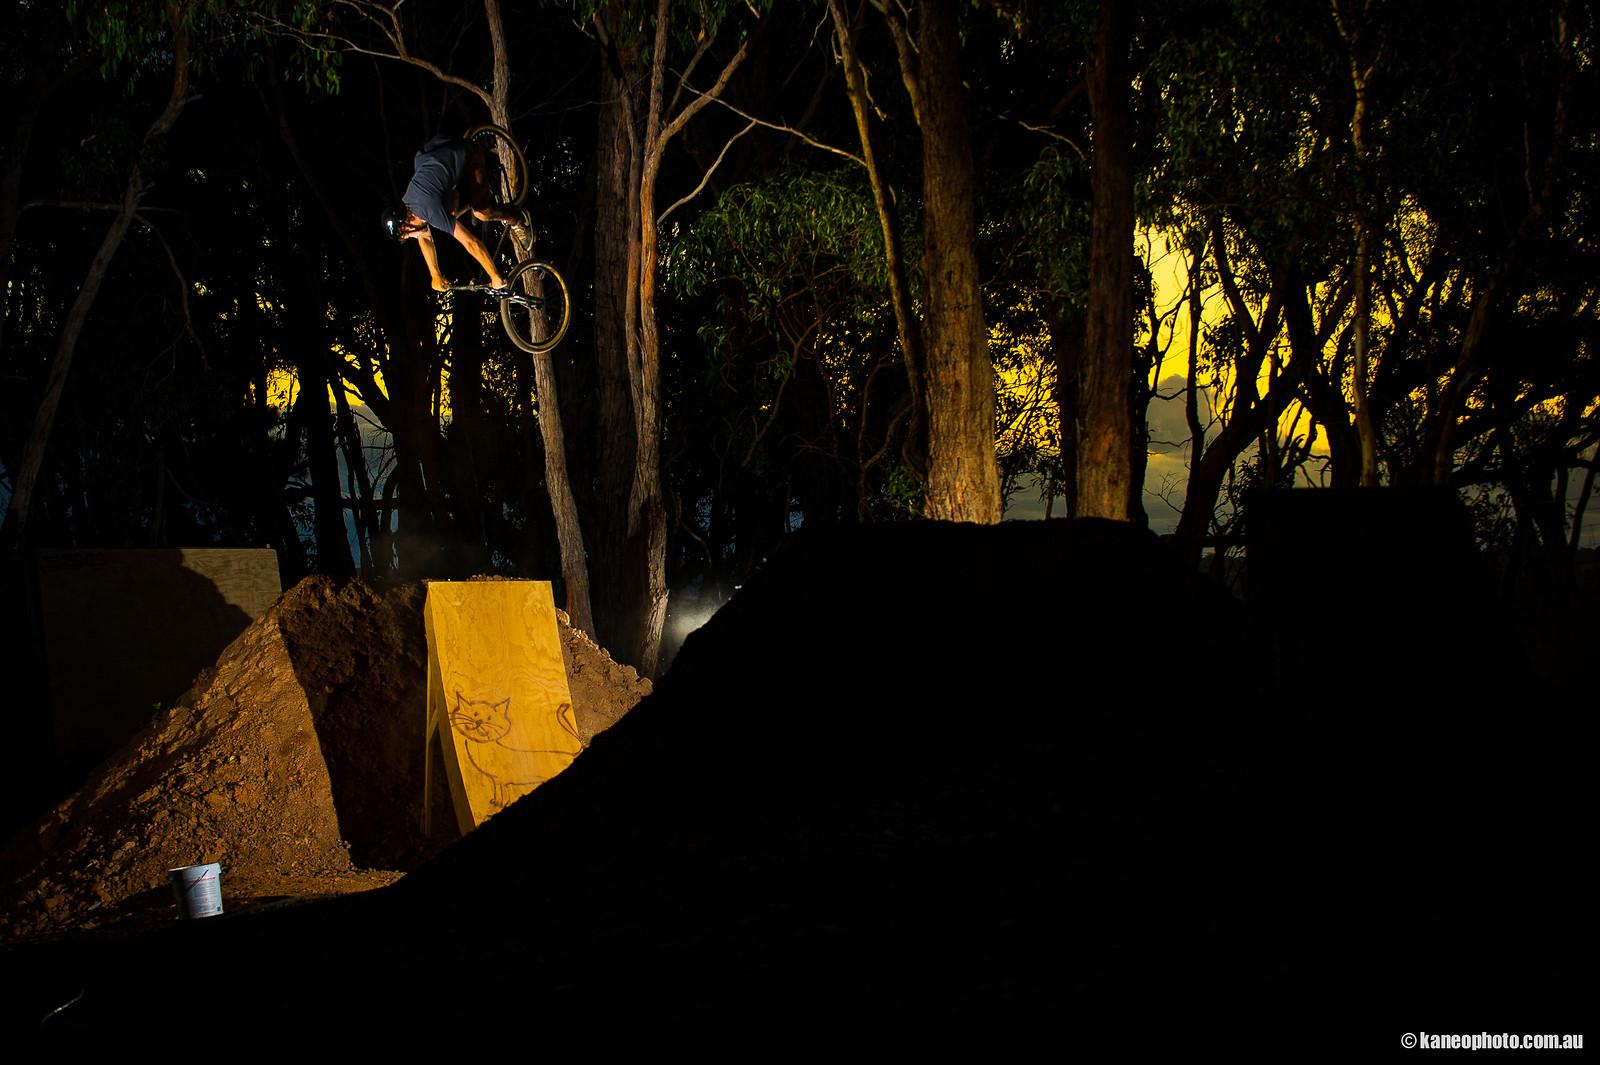 Elliot Smith - kaneophoto - Mountain Biking Pictures - Vital MTB